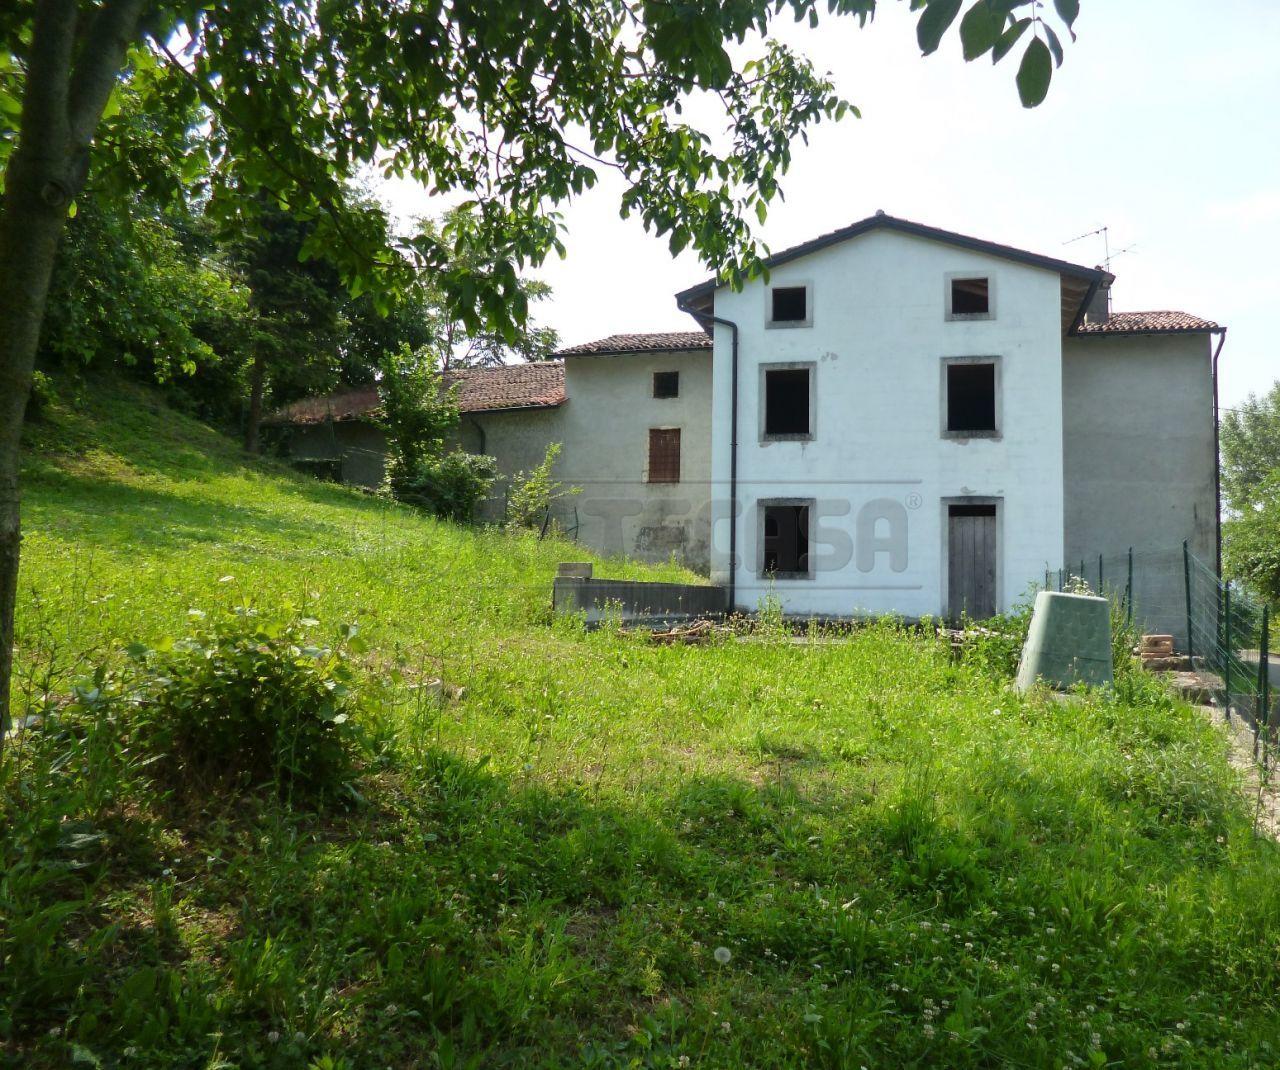 Rustico / Casale in vendita a Sovizzo, 8 locali, Trattative riservate | Cambio Casa.it